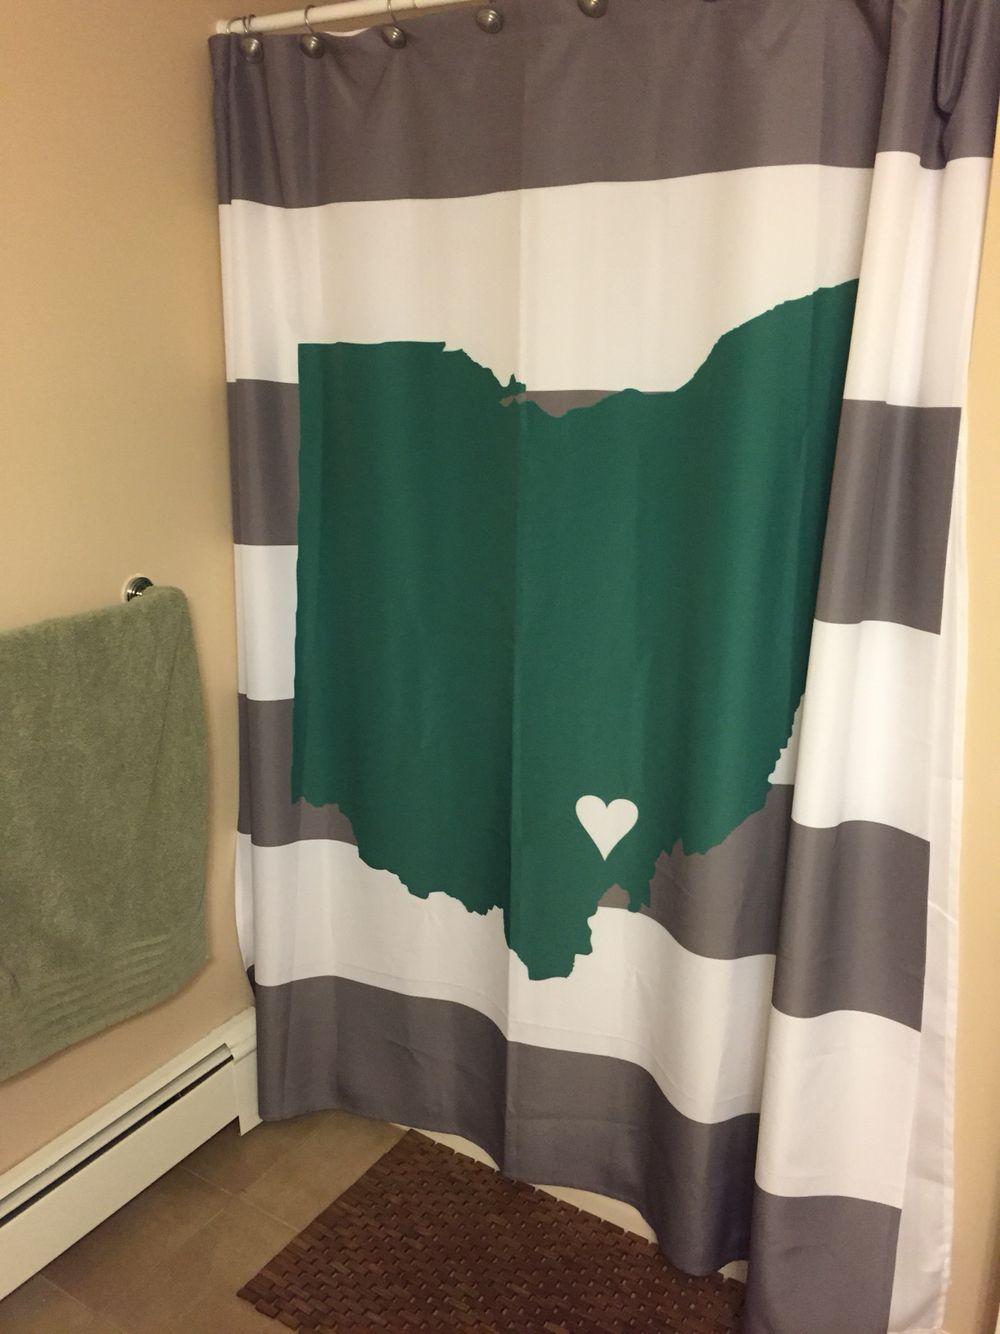 Ohio University shower curtain. We Athens.